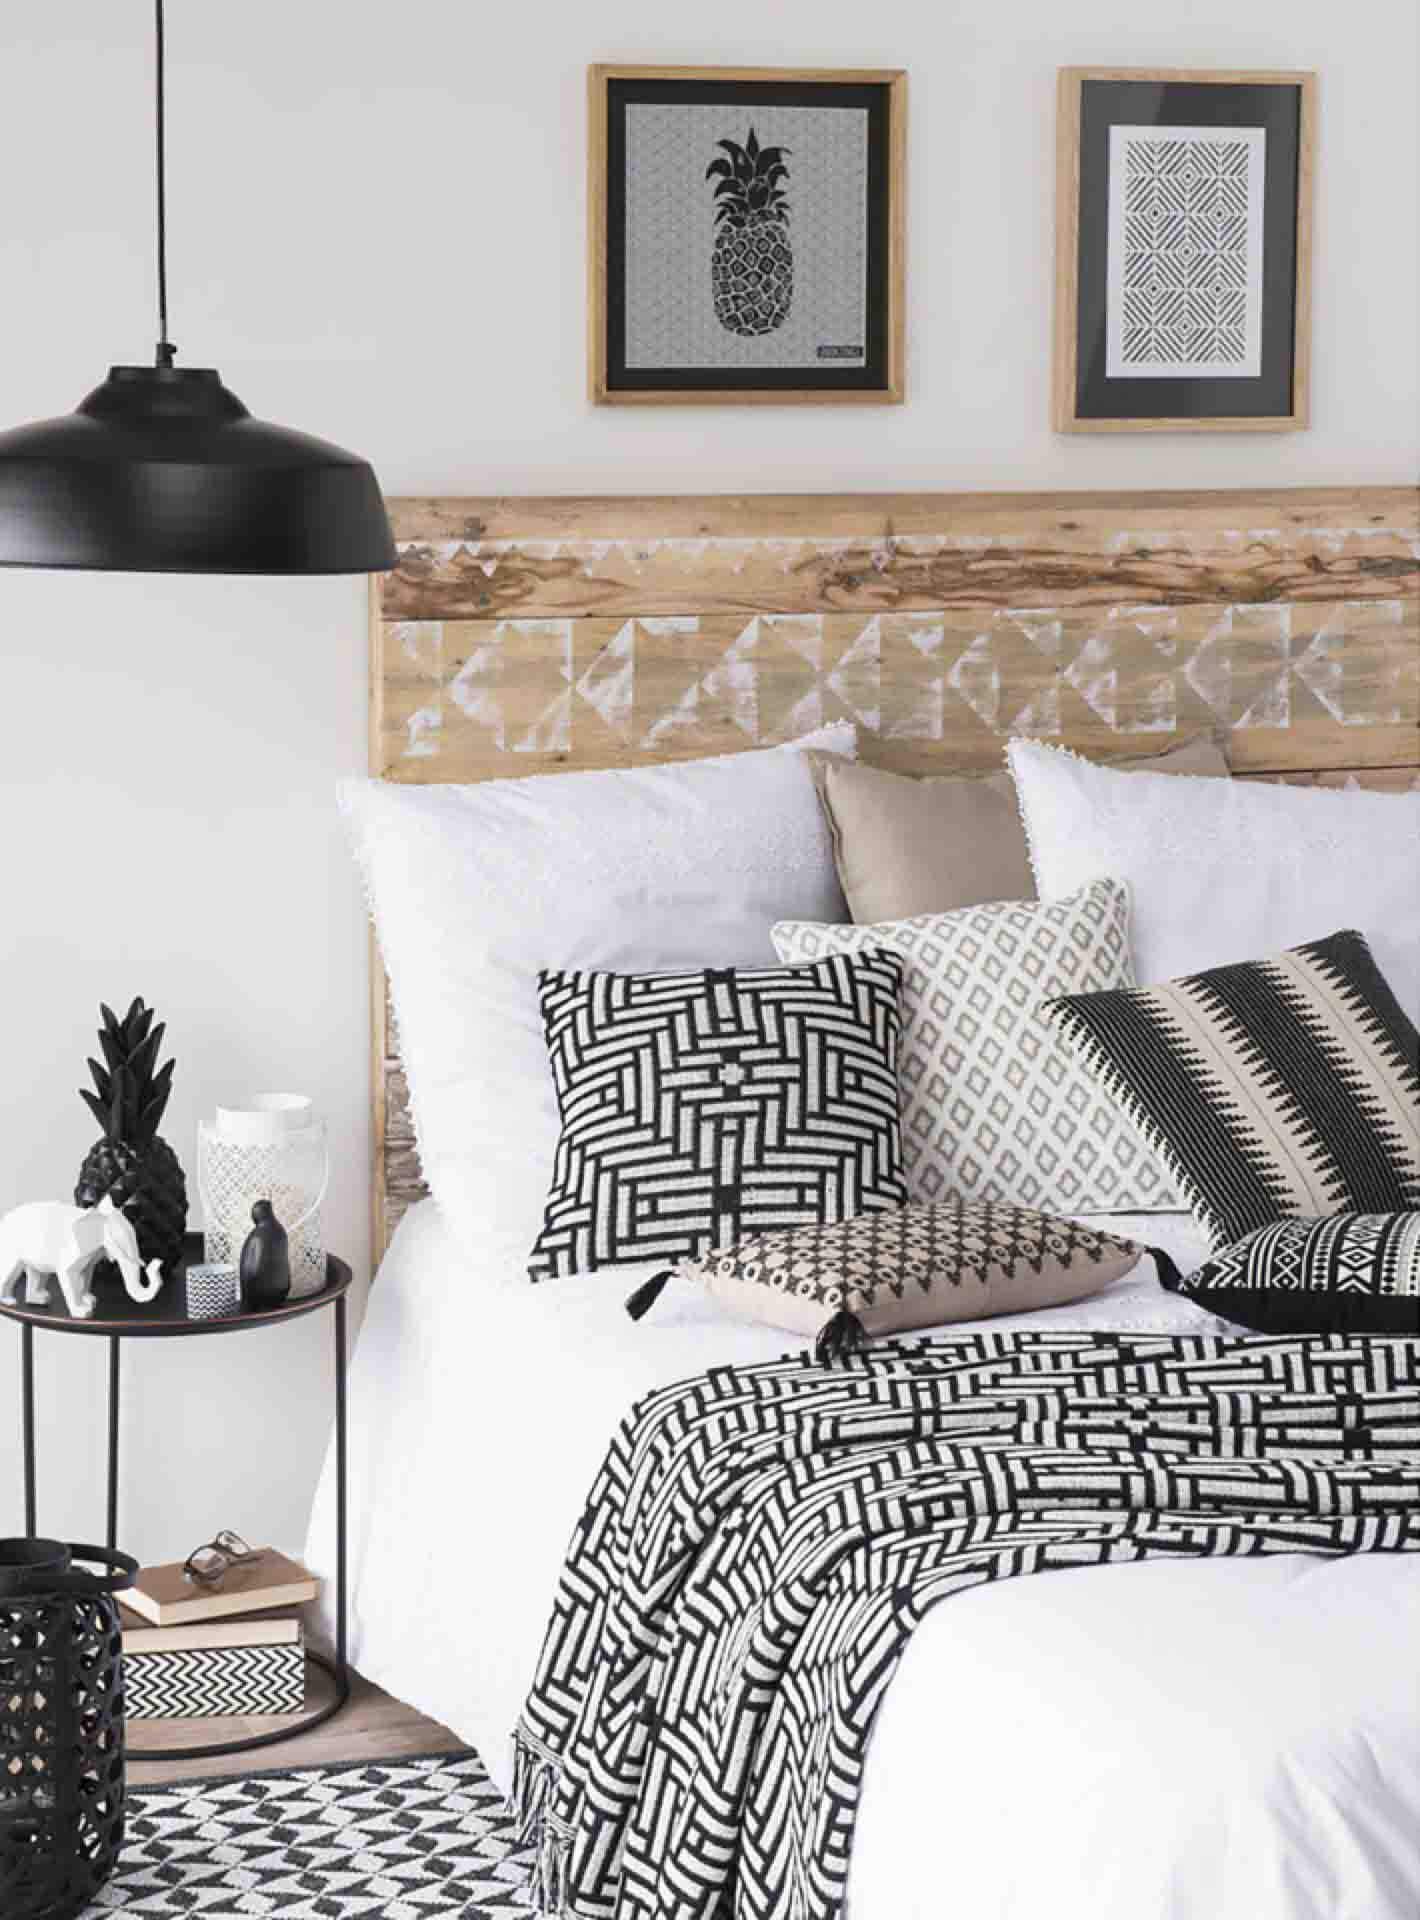 Chambre Contemporain Noir,Blanc,Beige Métal,Textile: budget déco ...